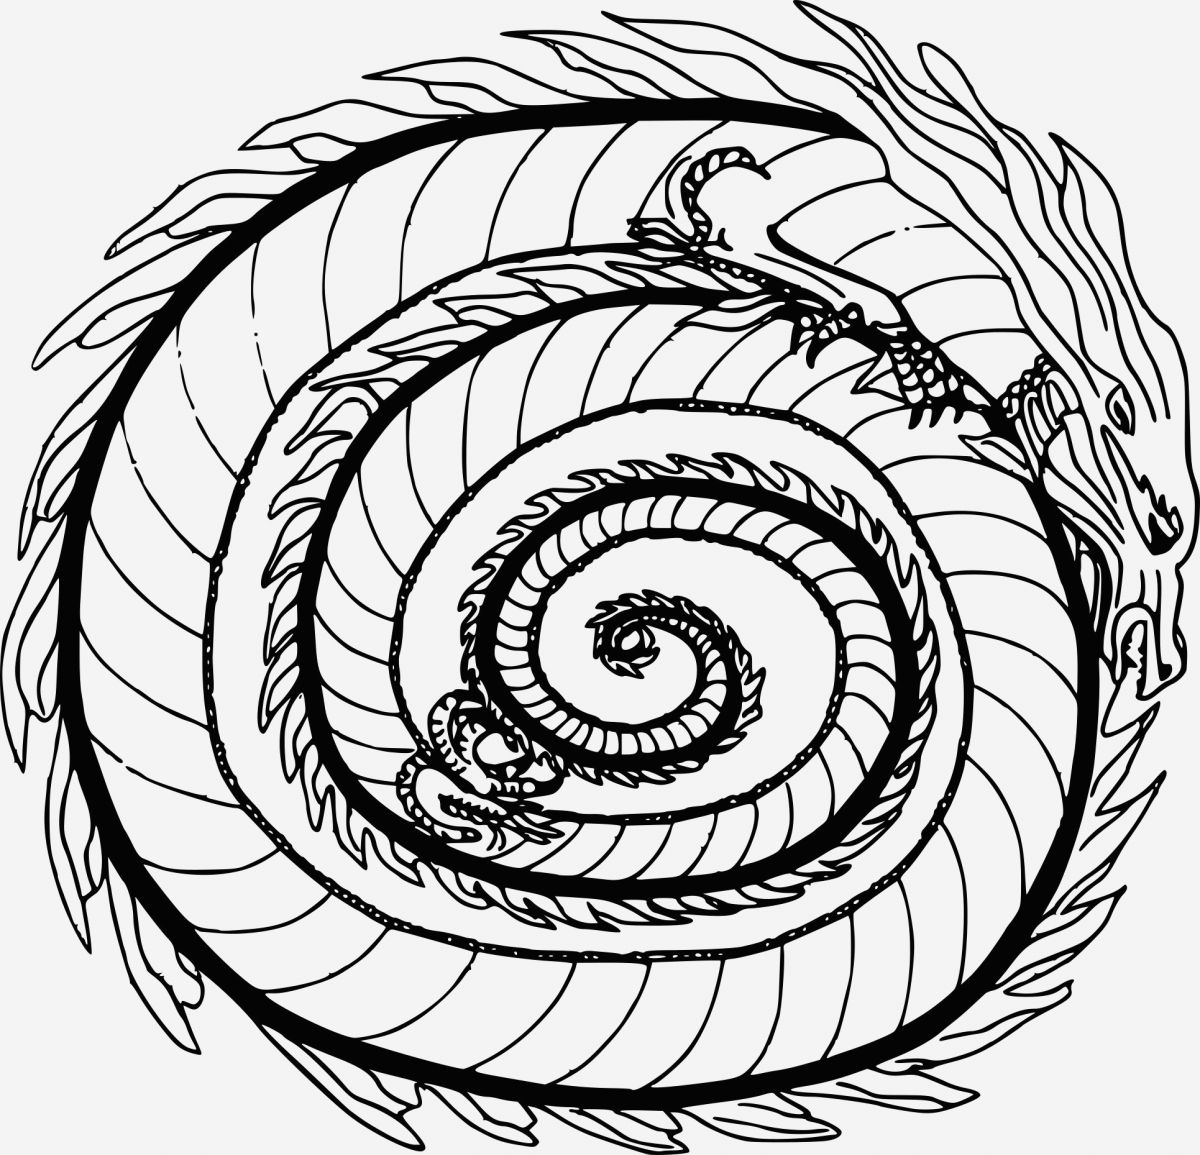 Dessin A Imprimer Mandala concernant Mandala À Imprimer Facile